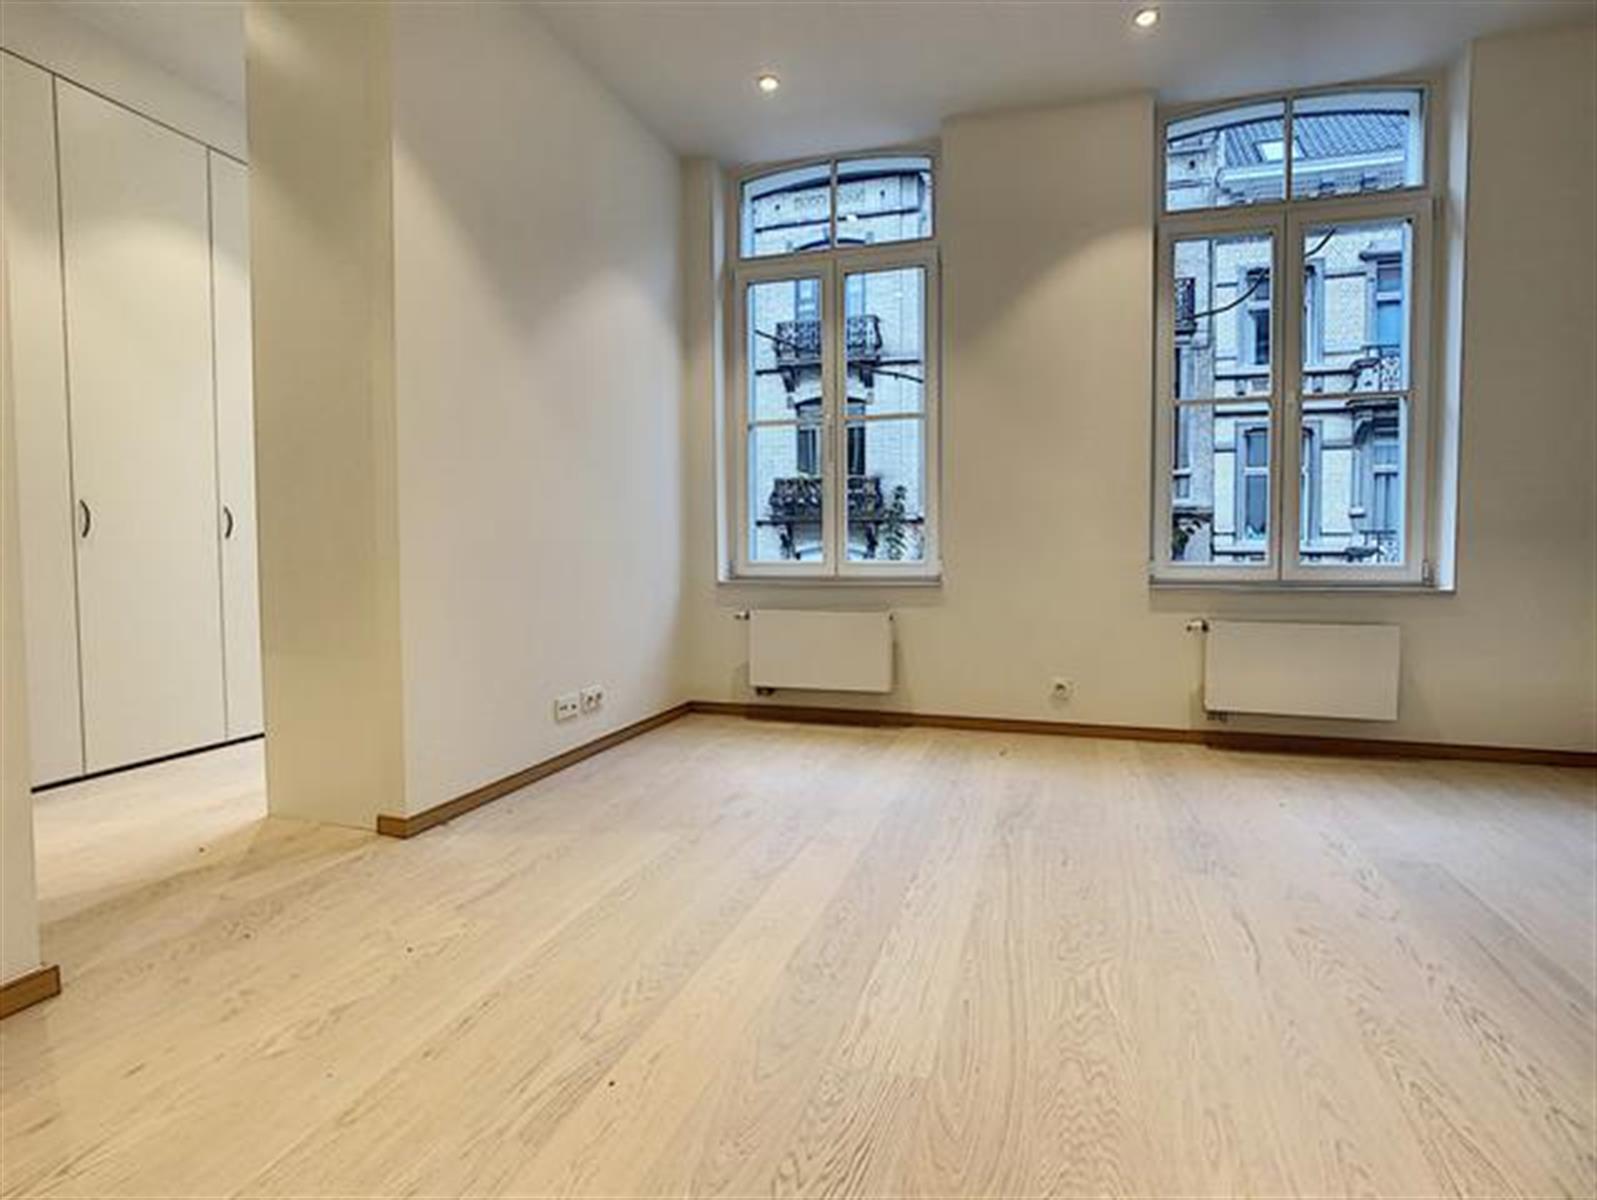 Flat - Ixelles - #4372458-8